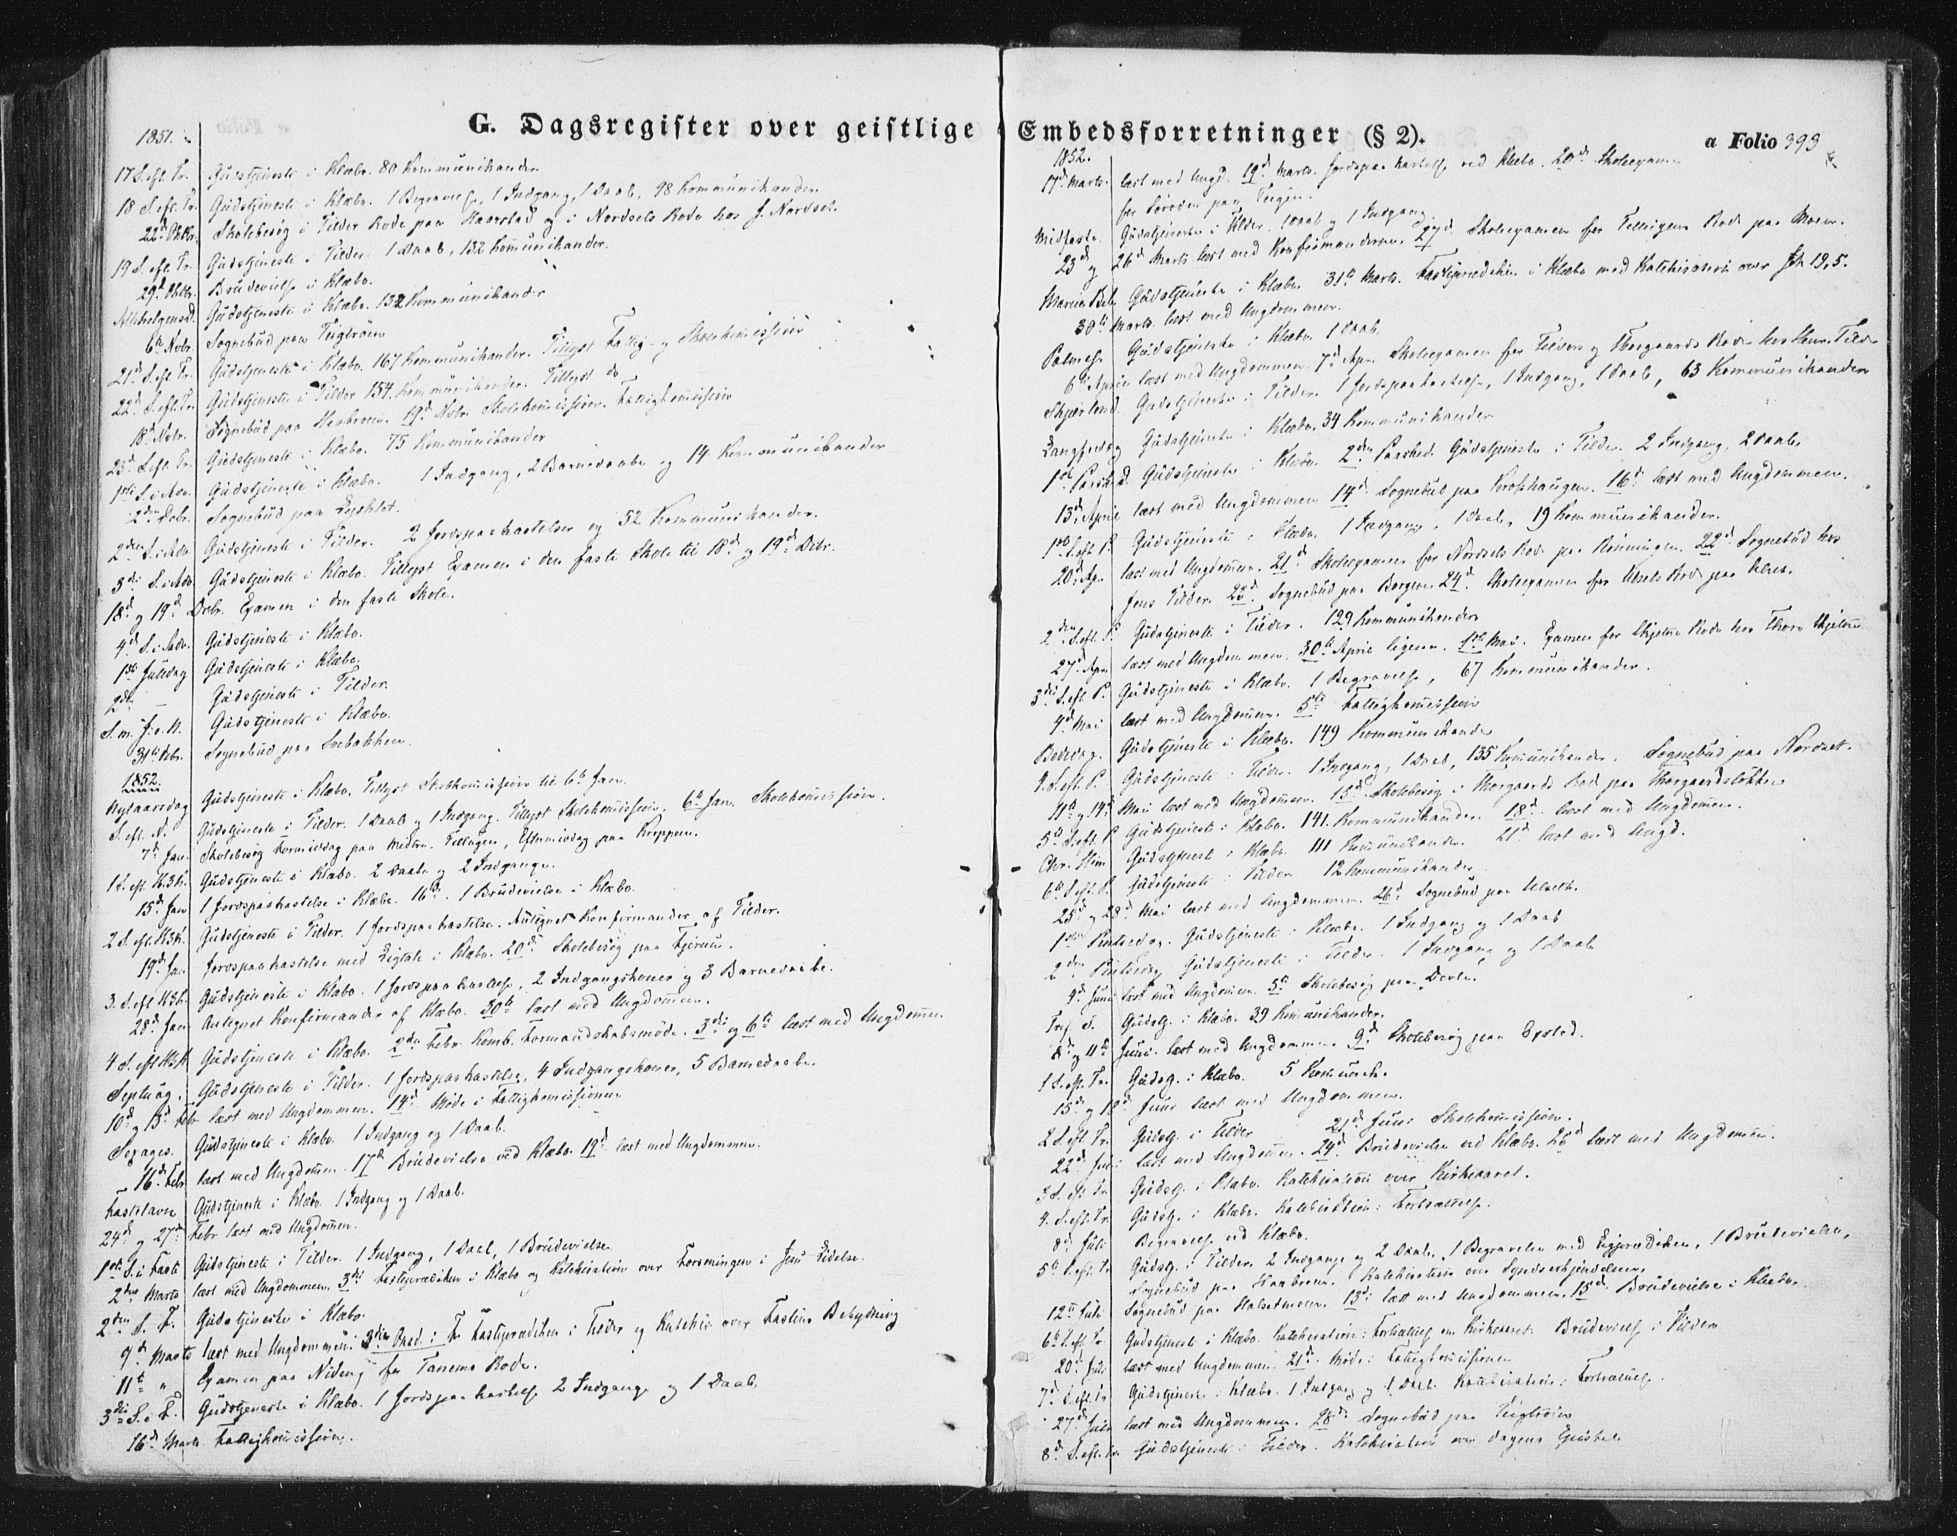 SAT, Ministerialprotokoller, klokkerbøker og fødselsregistre - Sør-Trøndelag, 618/L0441: Ministerialbok nr. 618A05, 1843-1862, s. 393